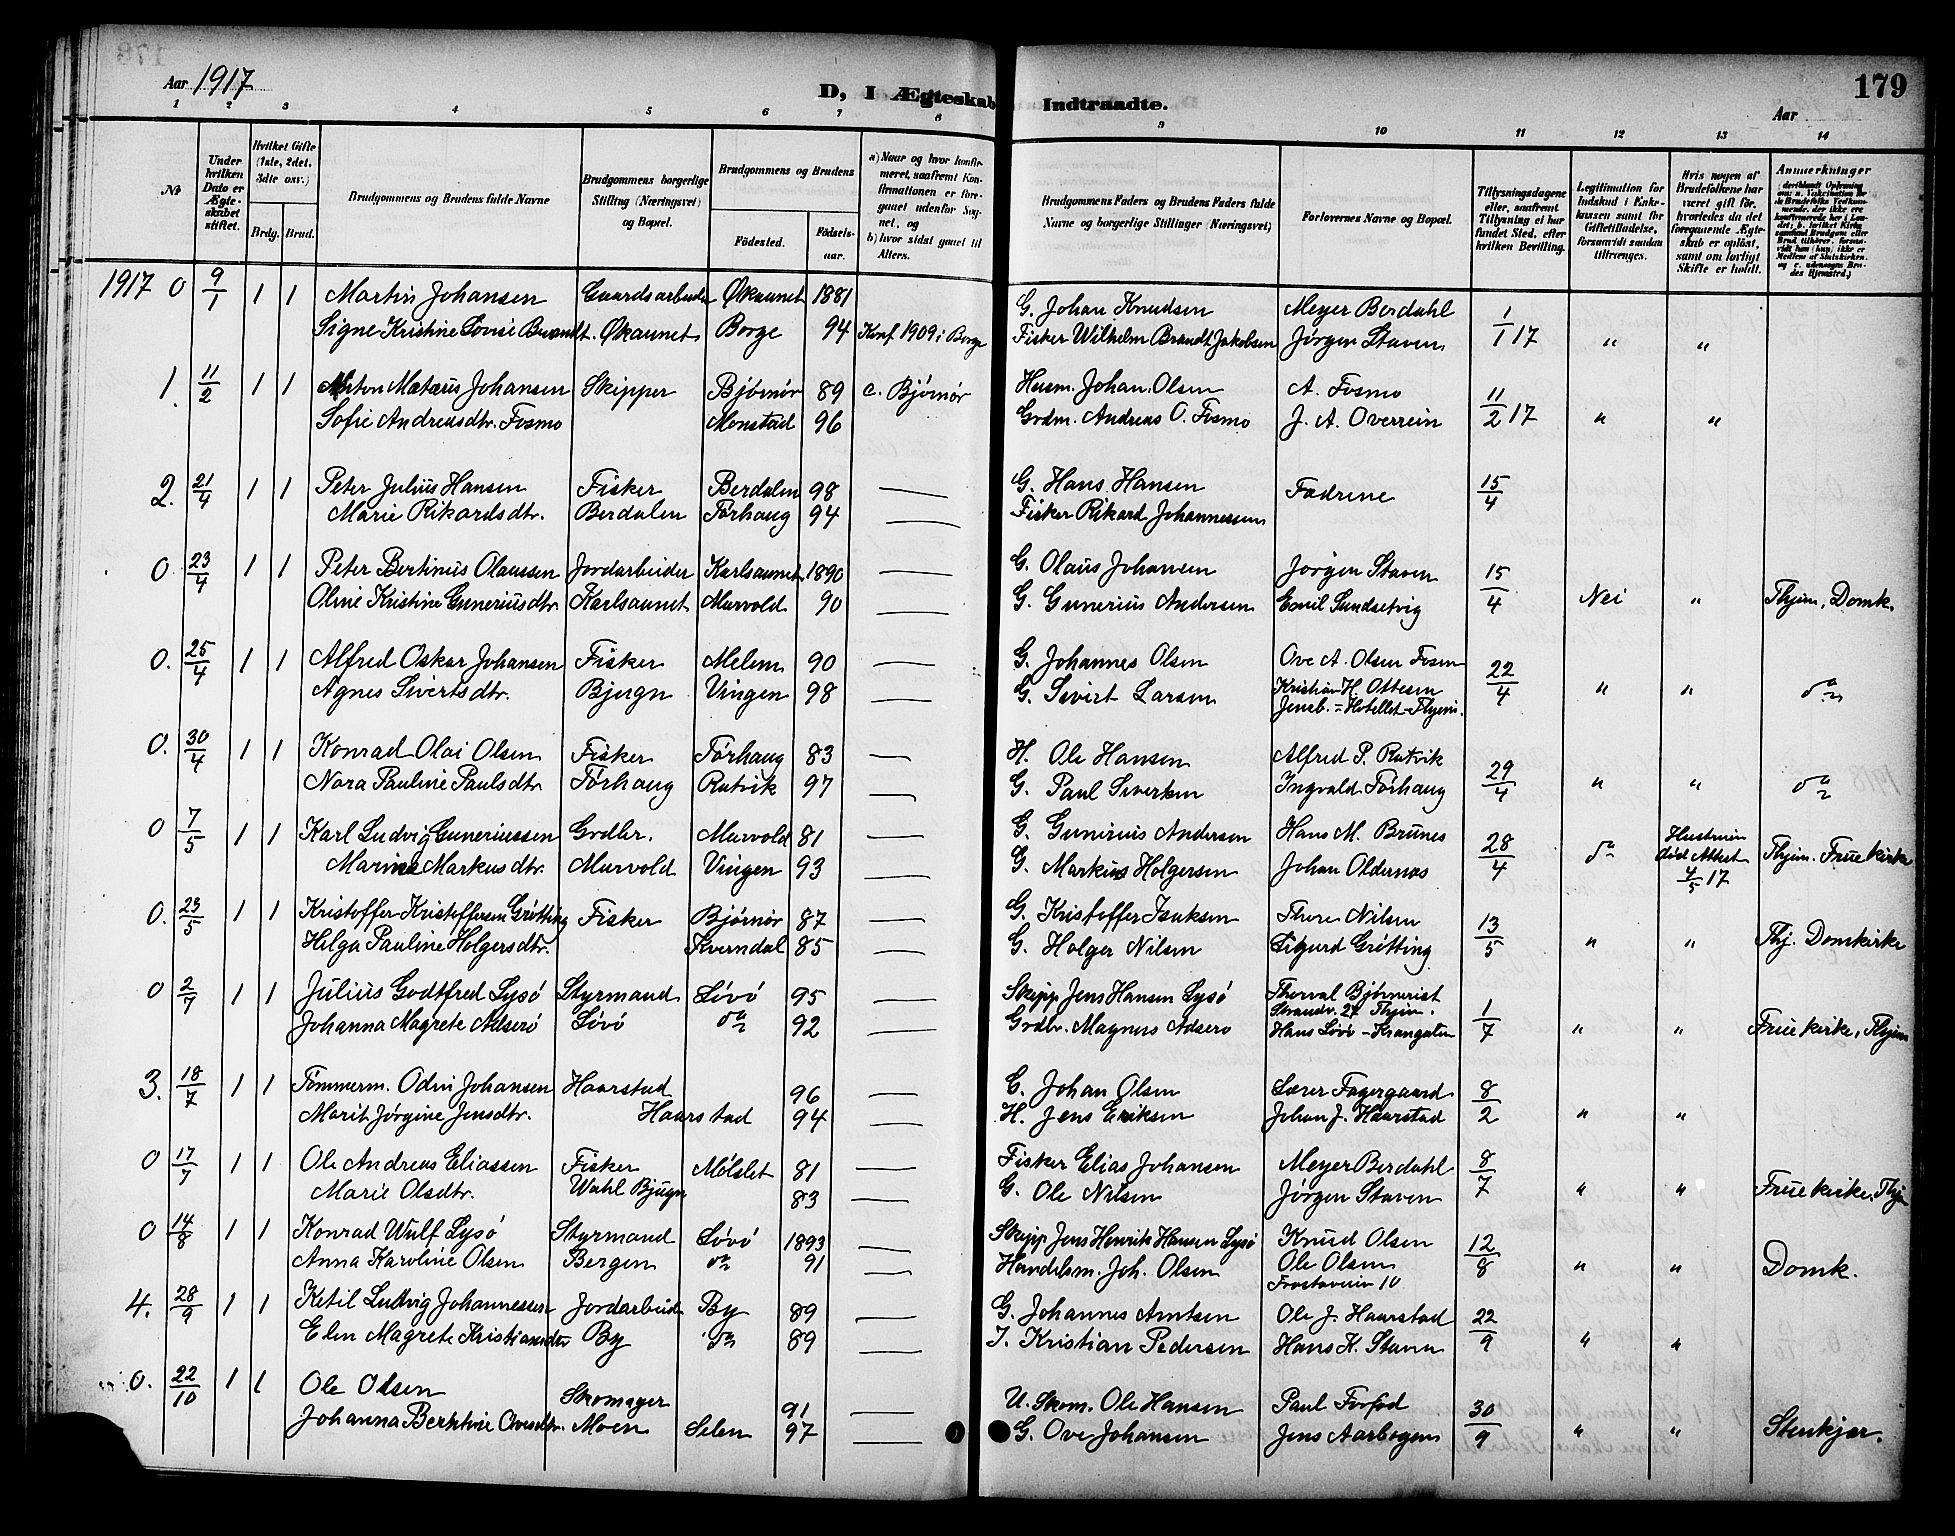 SAT, Ministerialprotokoller, klokkerbøker og fødselsregistre - Sør-Trøndelag, 655/L0688: Klokkerbok nr. 655C04, 1899-1922, s. 179